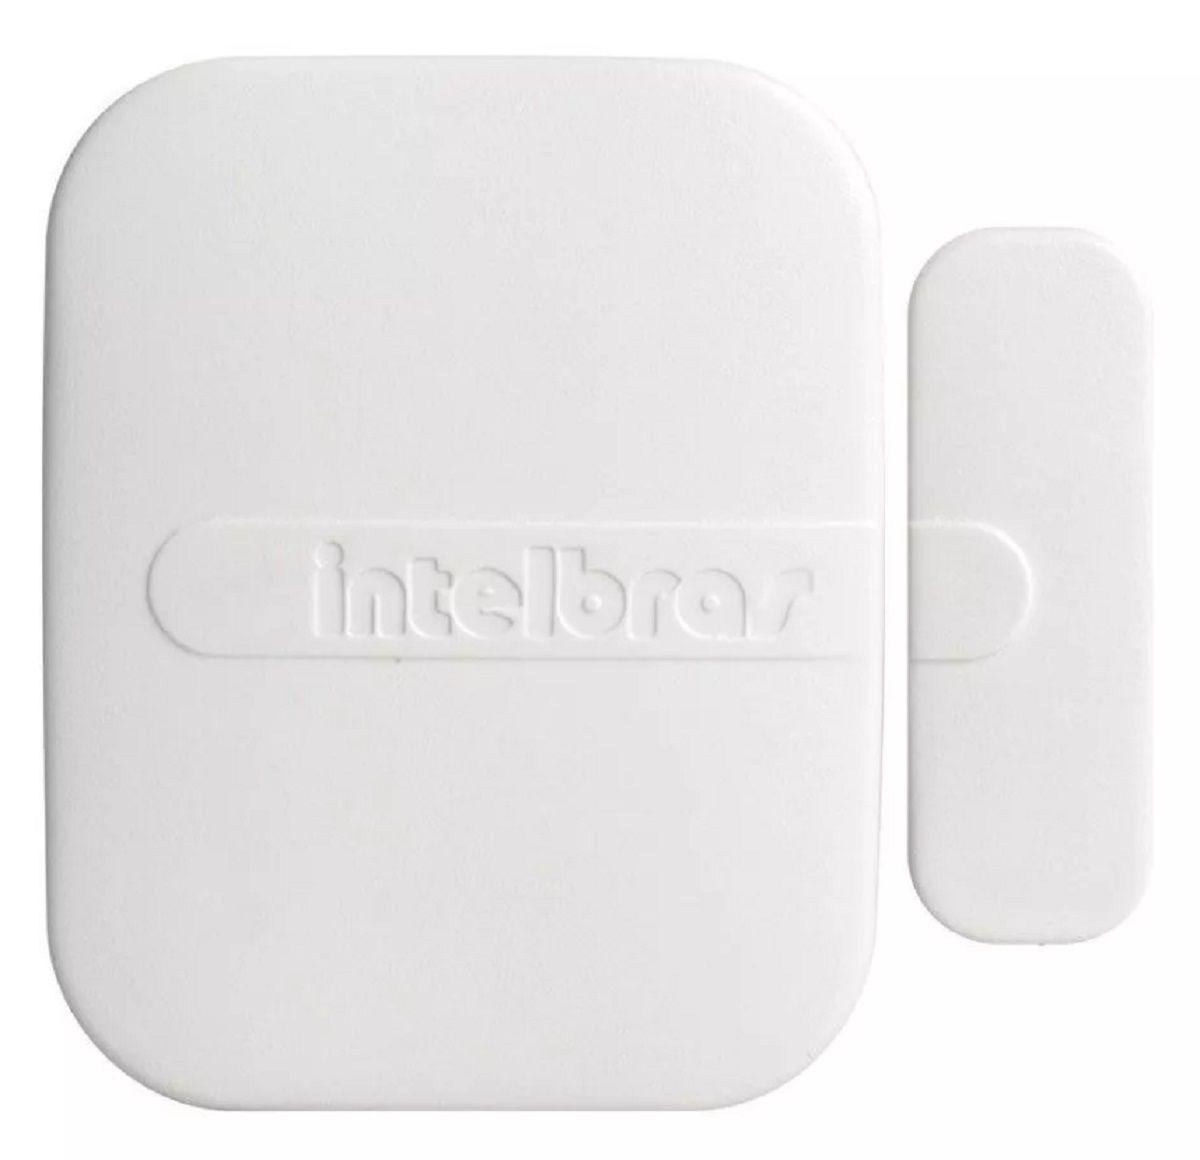 Kit Alarme Intelbras Anm 2003 e 02 Sensores Sem Fio